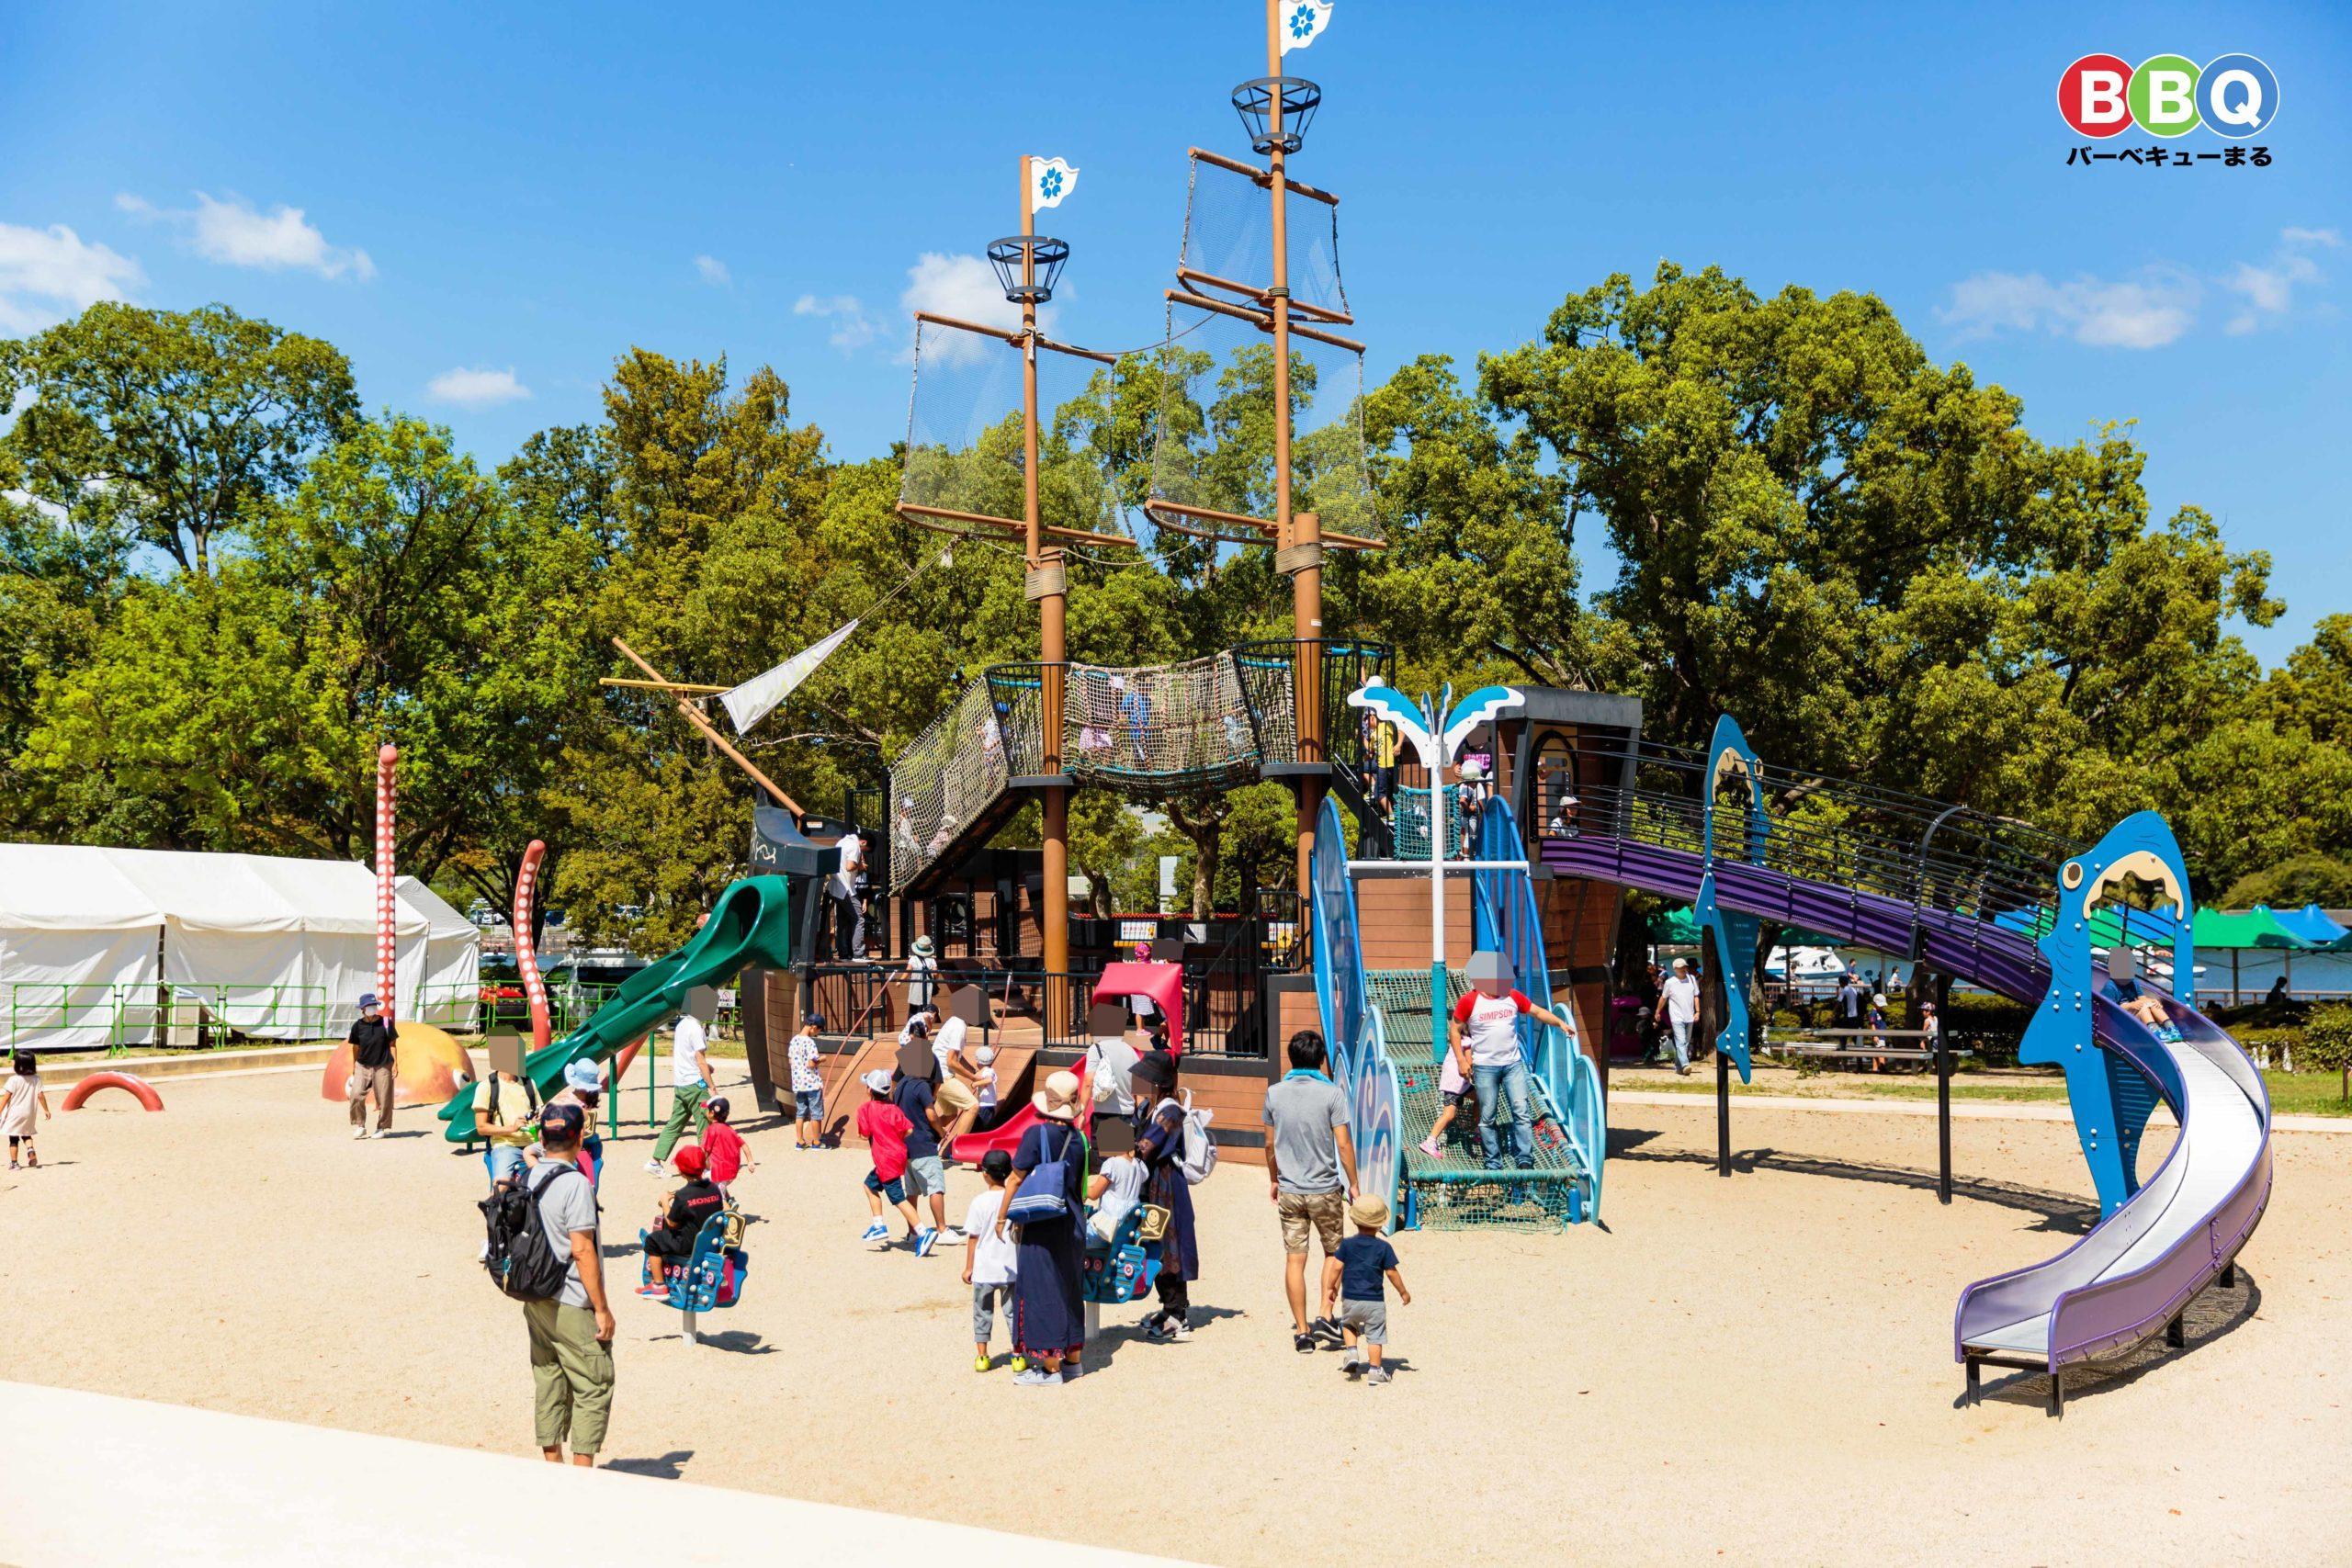 万博記念公園、船の遊具「エキスポみらいgo!」